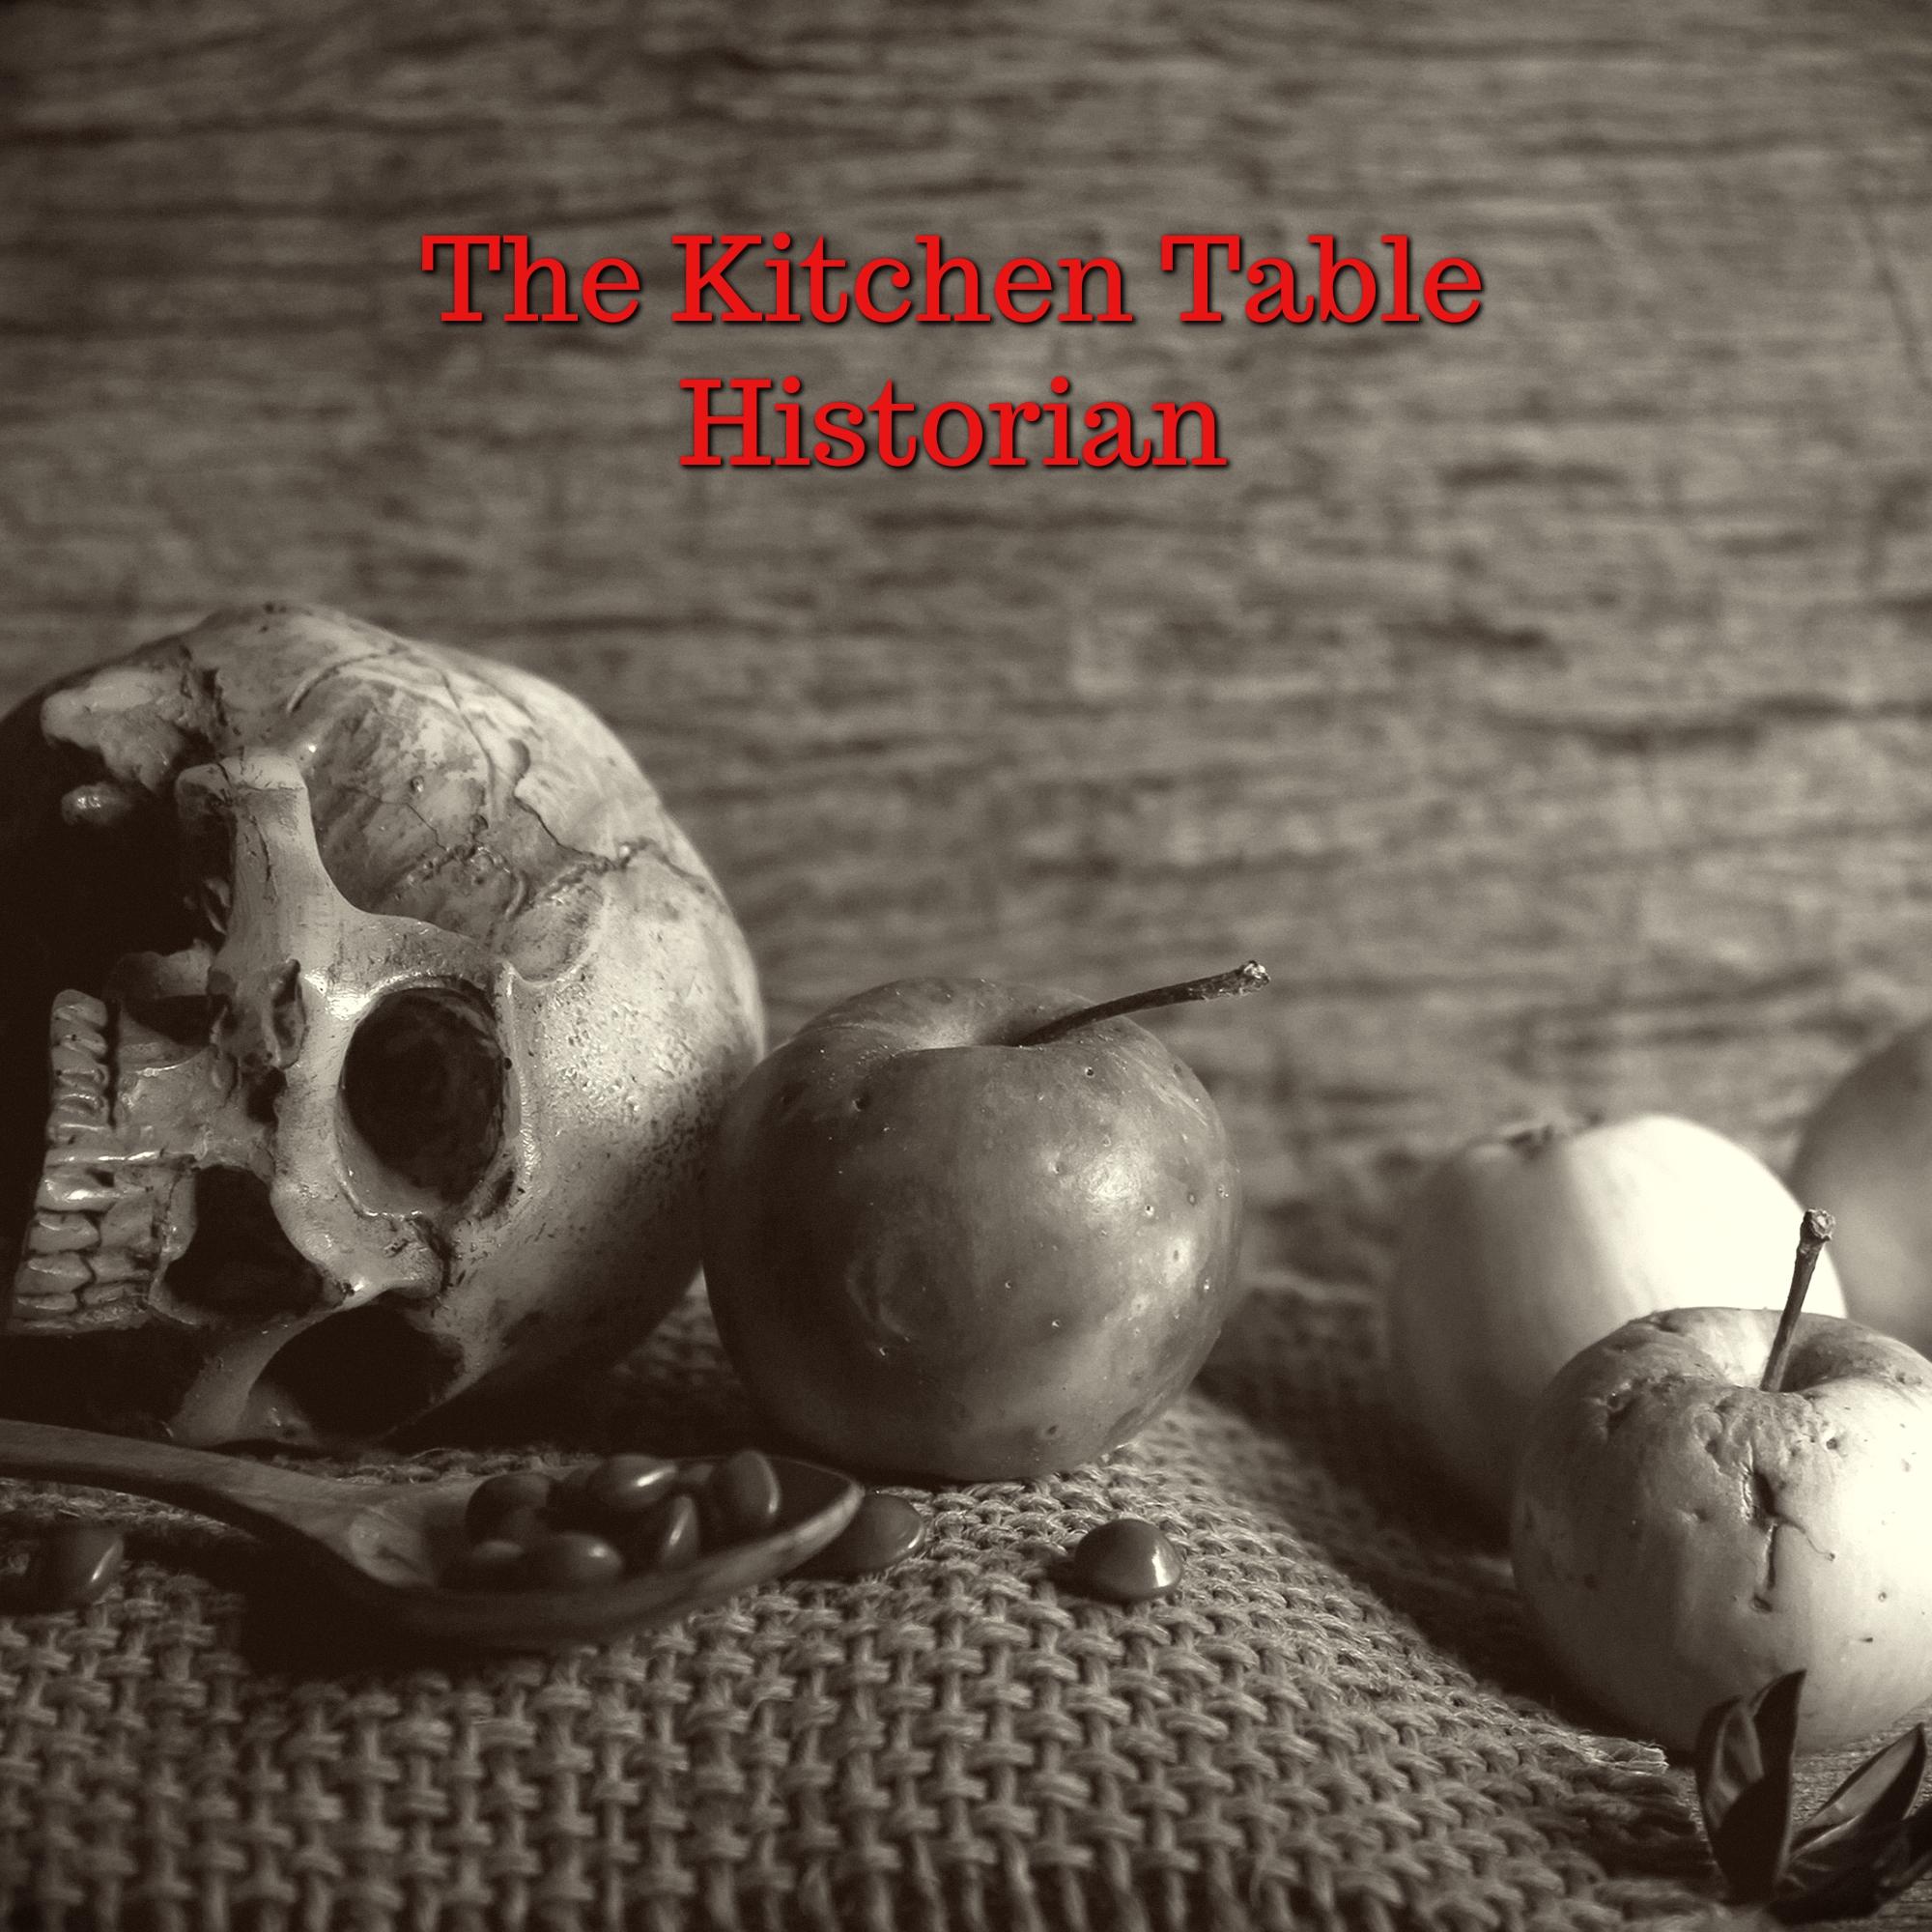 The Kitchen Table Historian